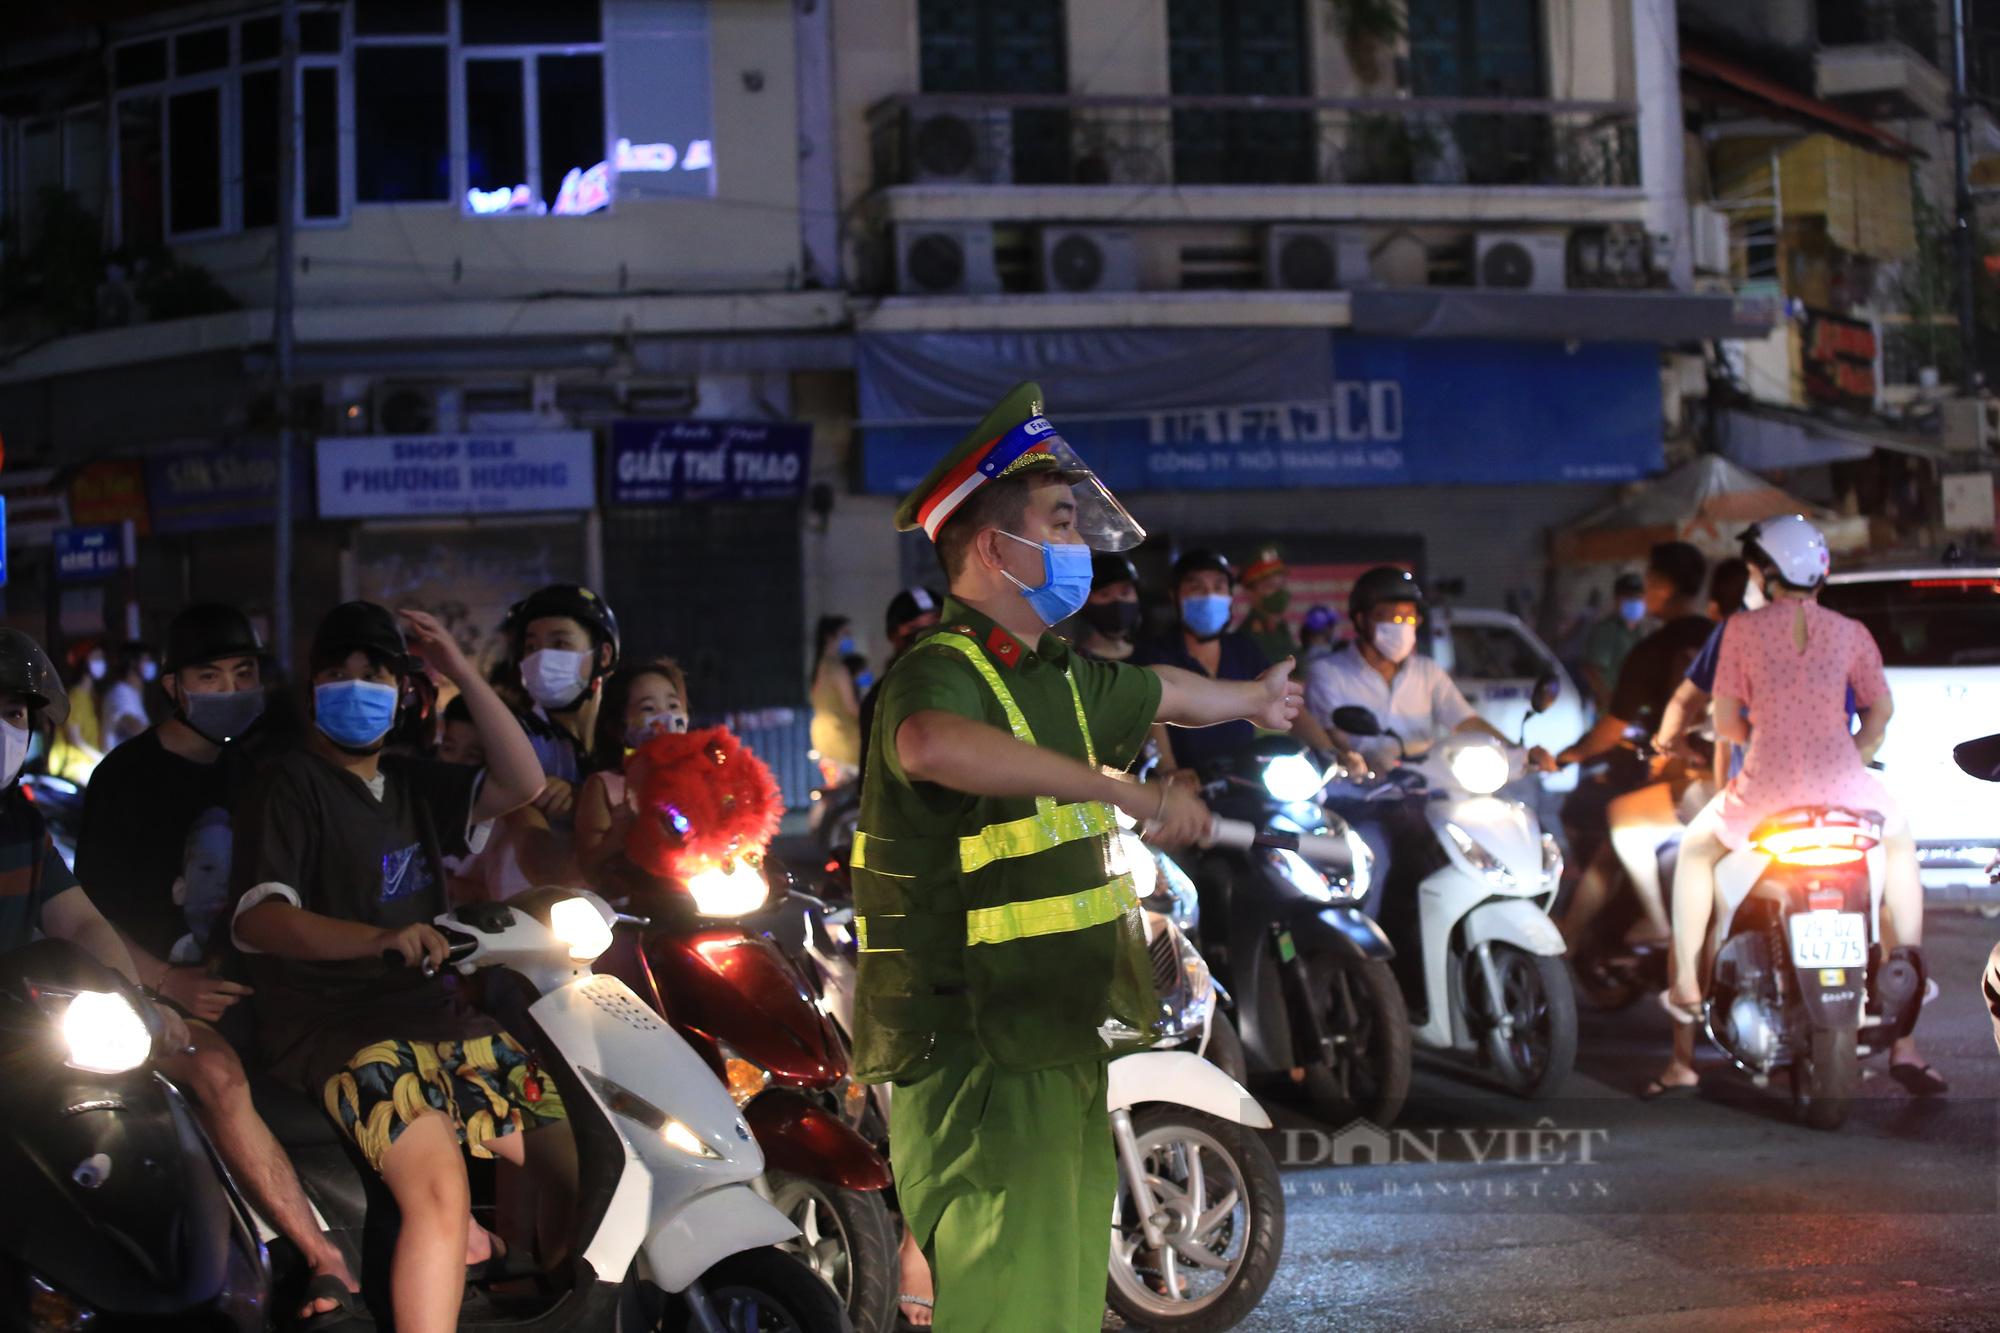 Hàng vạn người dân đổ ra đường chơi Trung sau khi nới lỏng giãn cách - Ảnh 10.